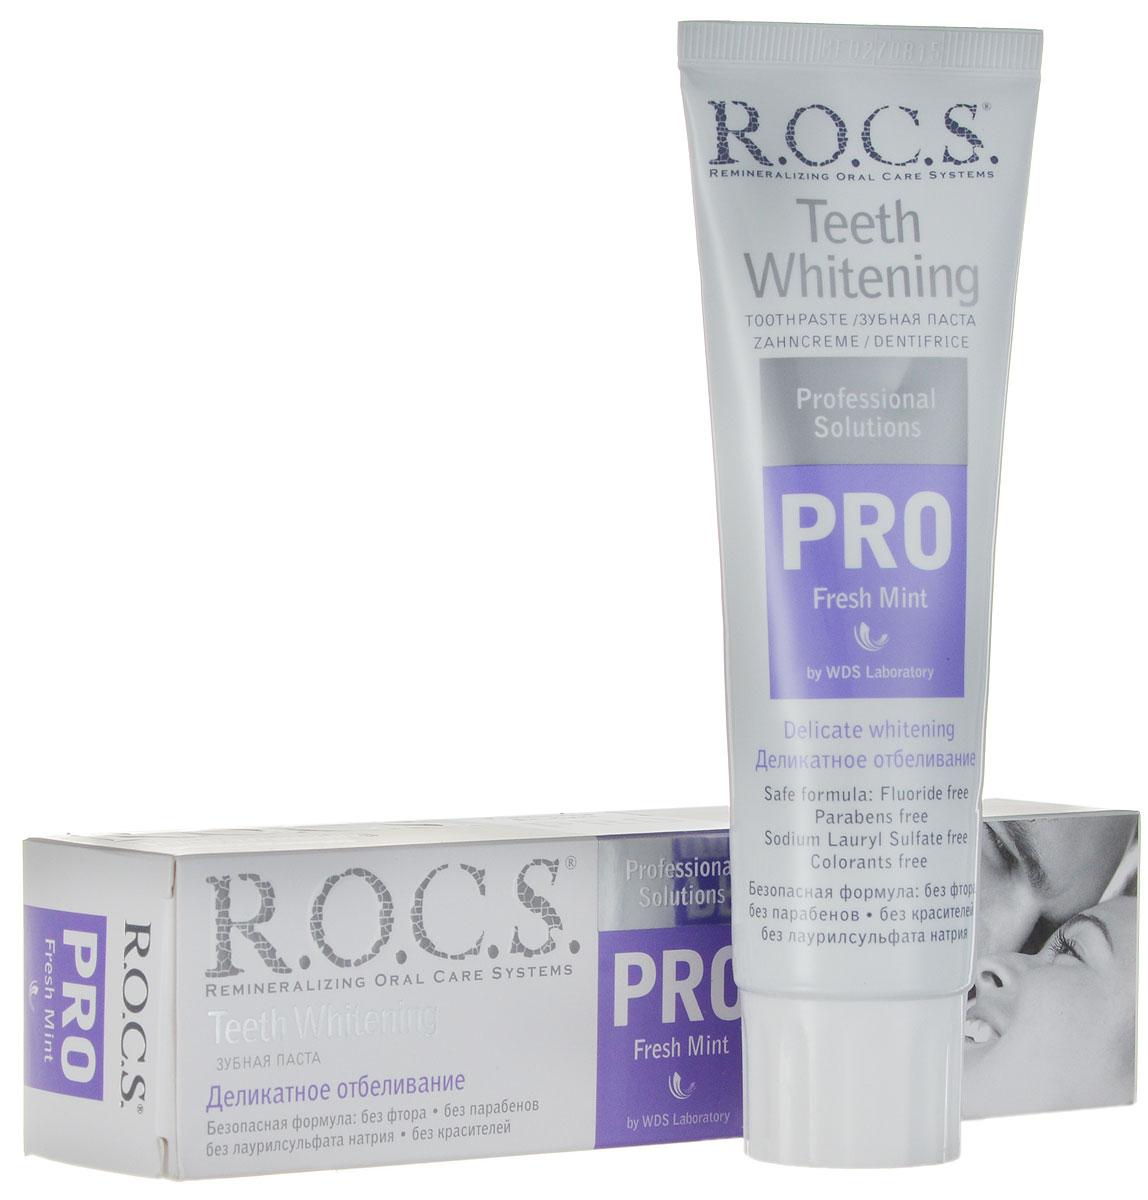 R.O.C.S Зубная паста PRO Delicate White, Fresh Mint32700101Для безупречной красоты вашей улыбки и чистоты зубов Безопасная формула: не содержит фтор, лаурилсульфат натрия, парабены и красители Подходит для постоянного ежедневного использования